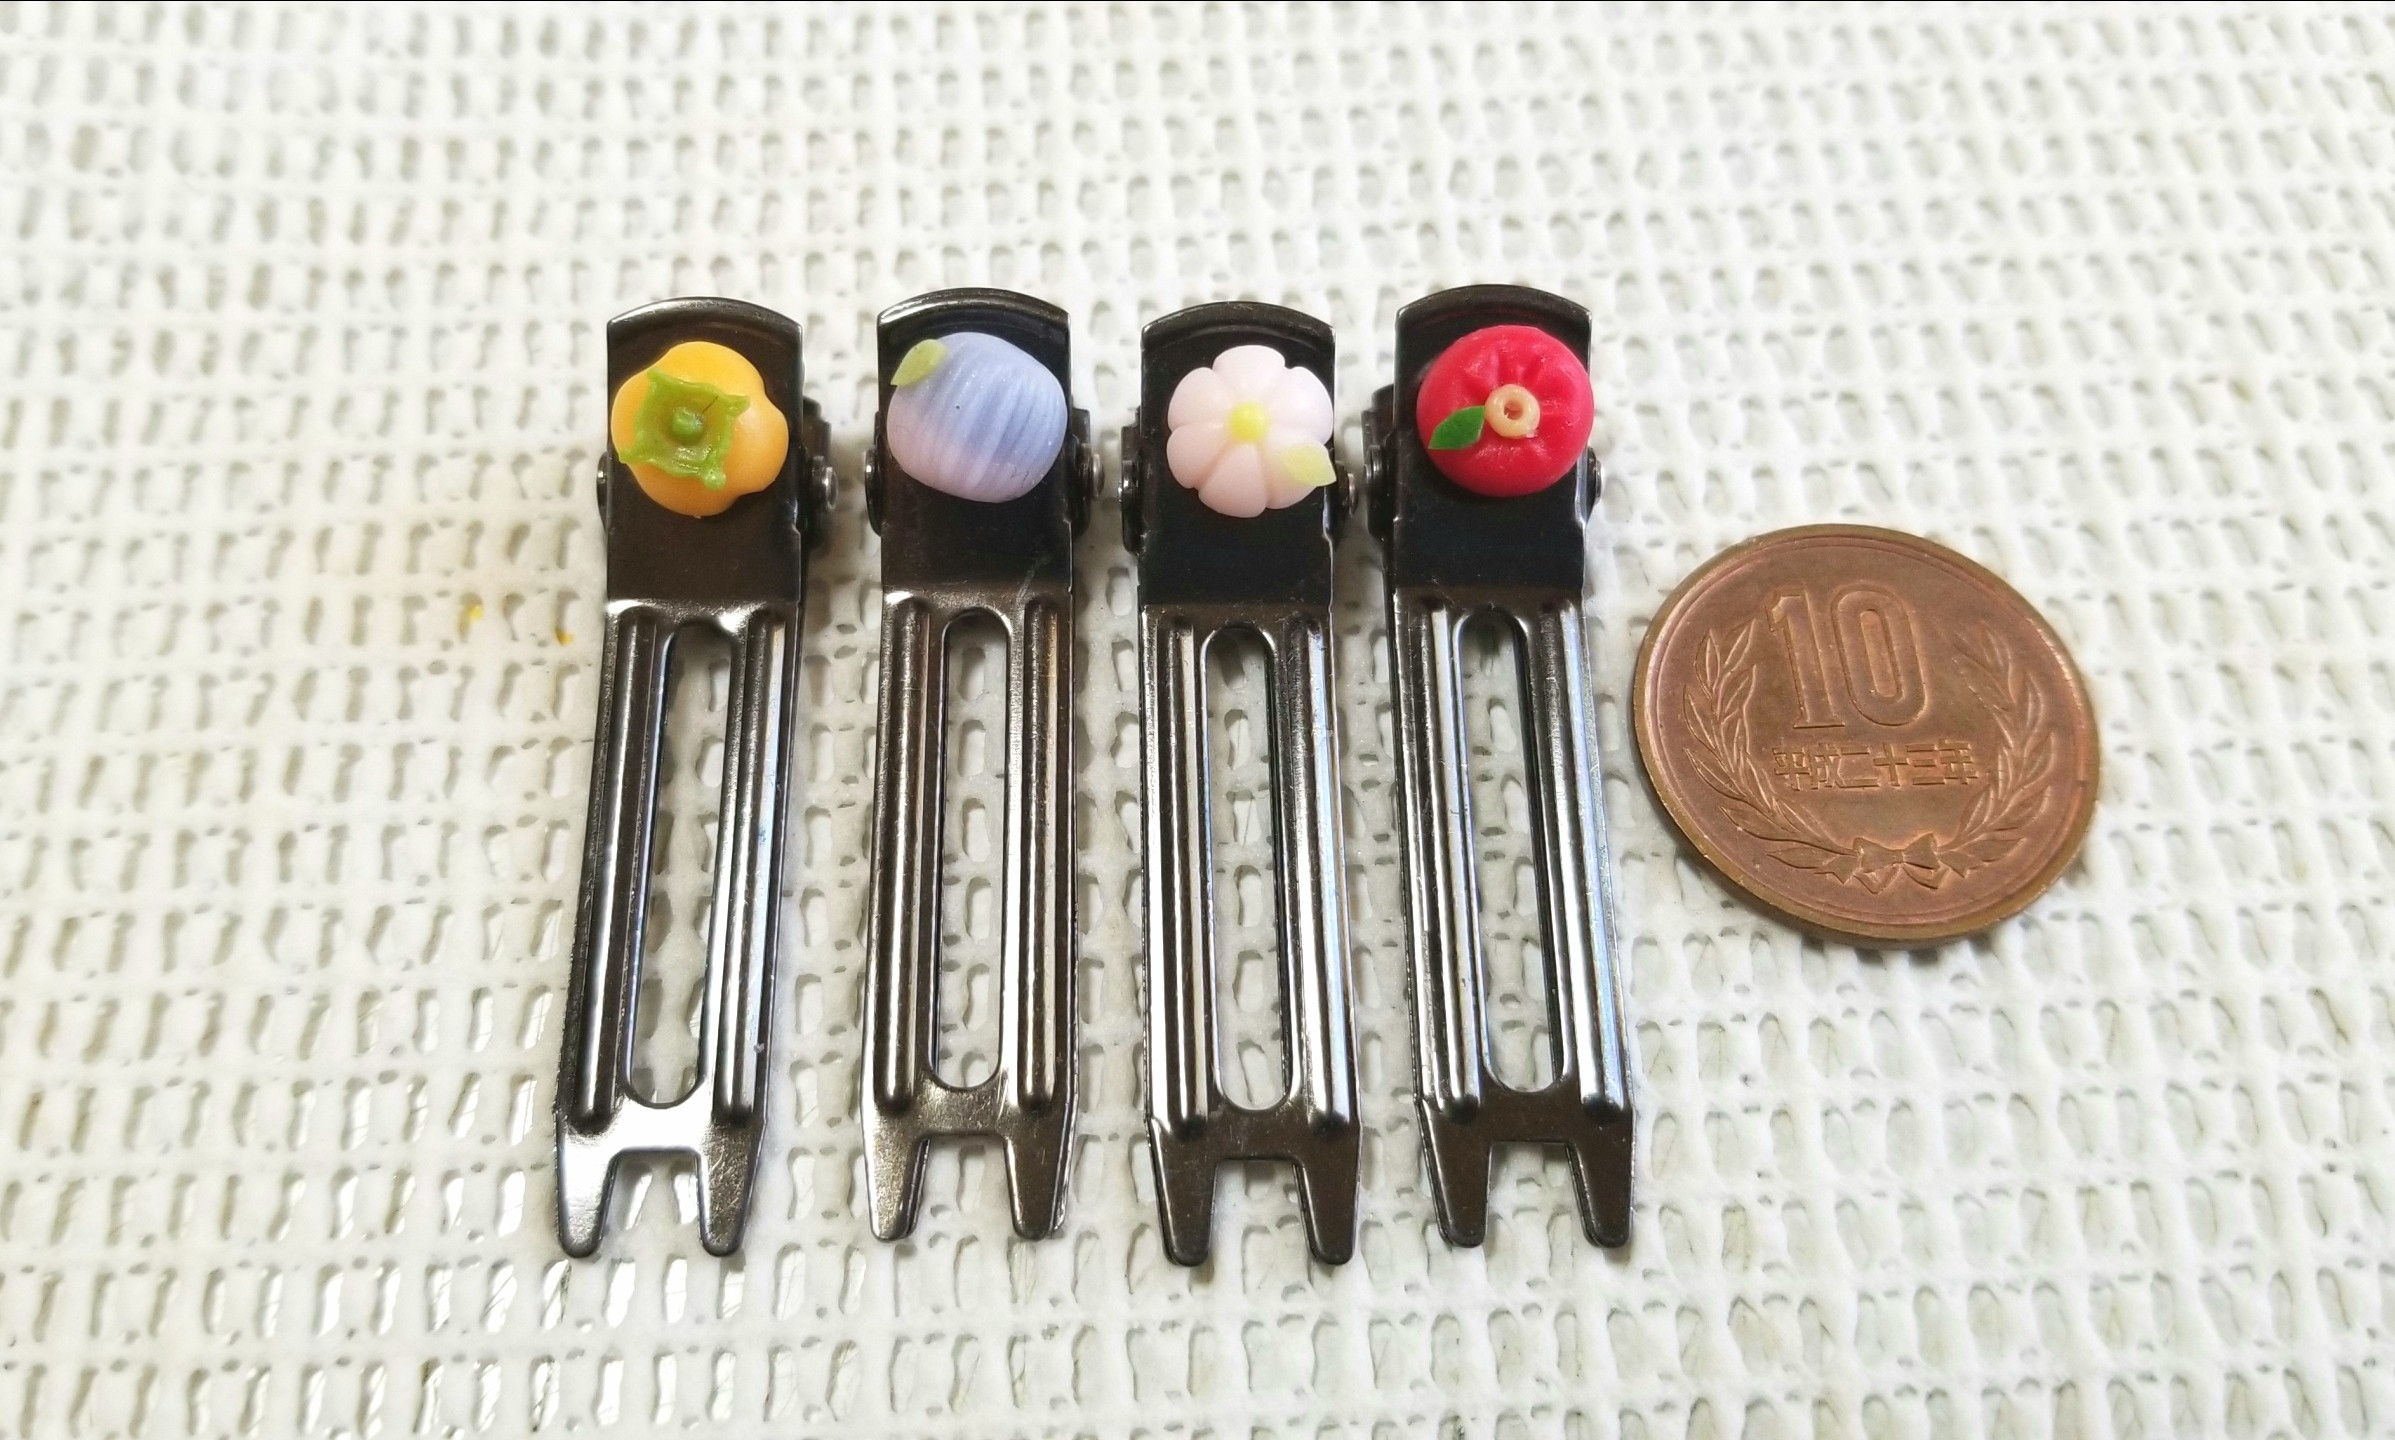 ミンネ,販売中,和菓子,樹脂粘土,ミニチュア,ヘアピン,クリップ,柿,椿